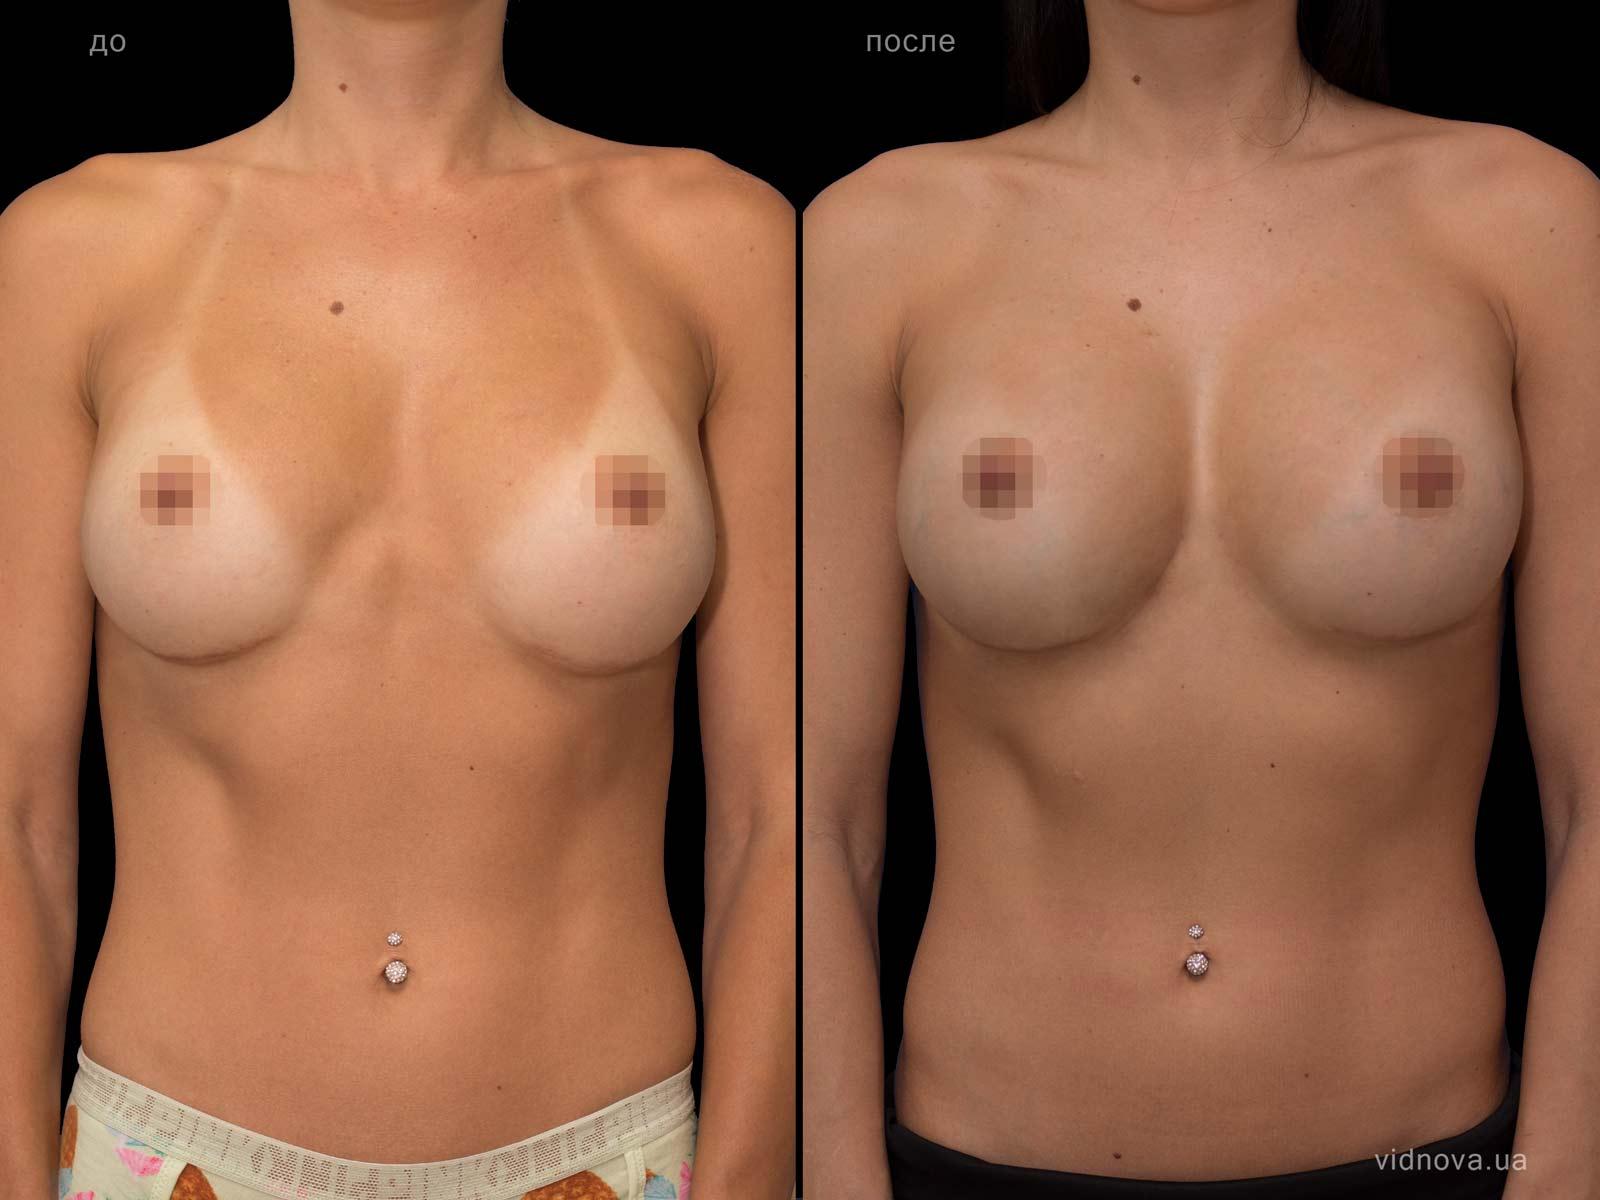 Замена грудных имплантов 1 2019 02 25T113031.771